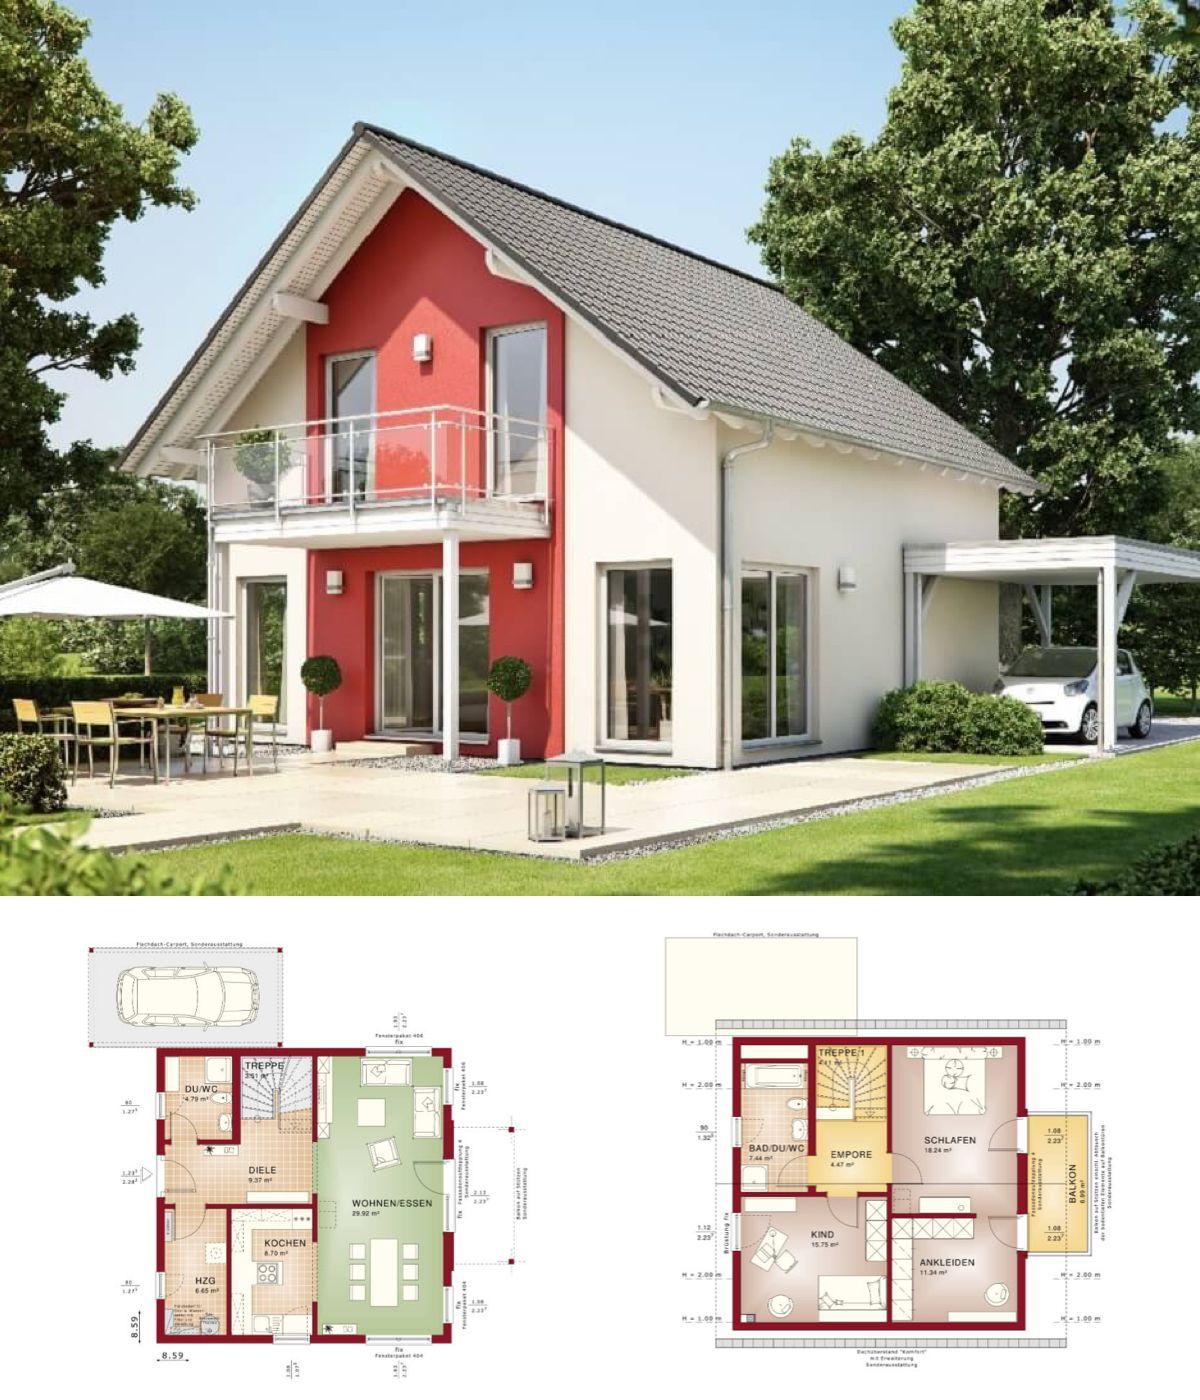 Fassadengestaltung einfamilienhaus modern satteldach  EINFAMILIENHAUS modern Satteldach - HAUS Solution 125 v5 Living ...